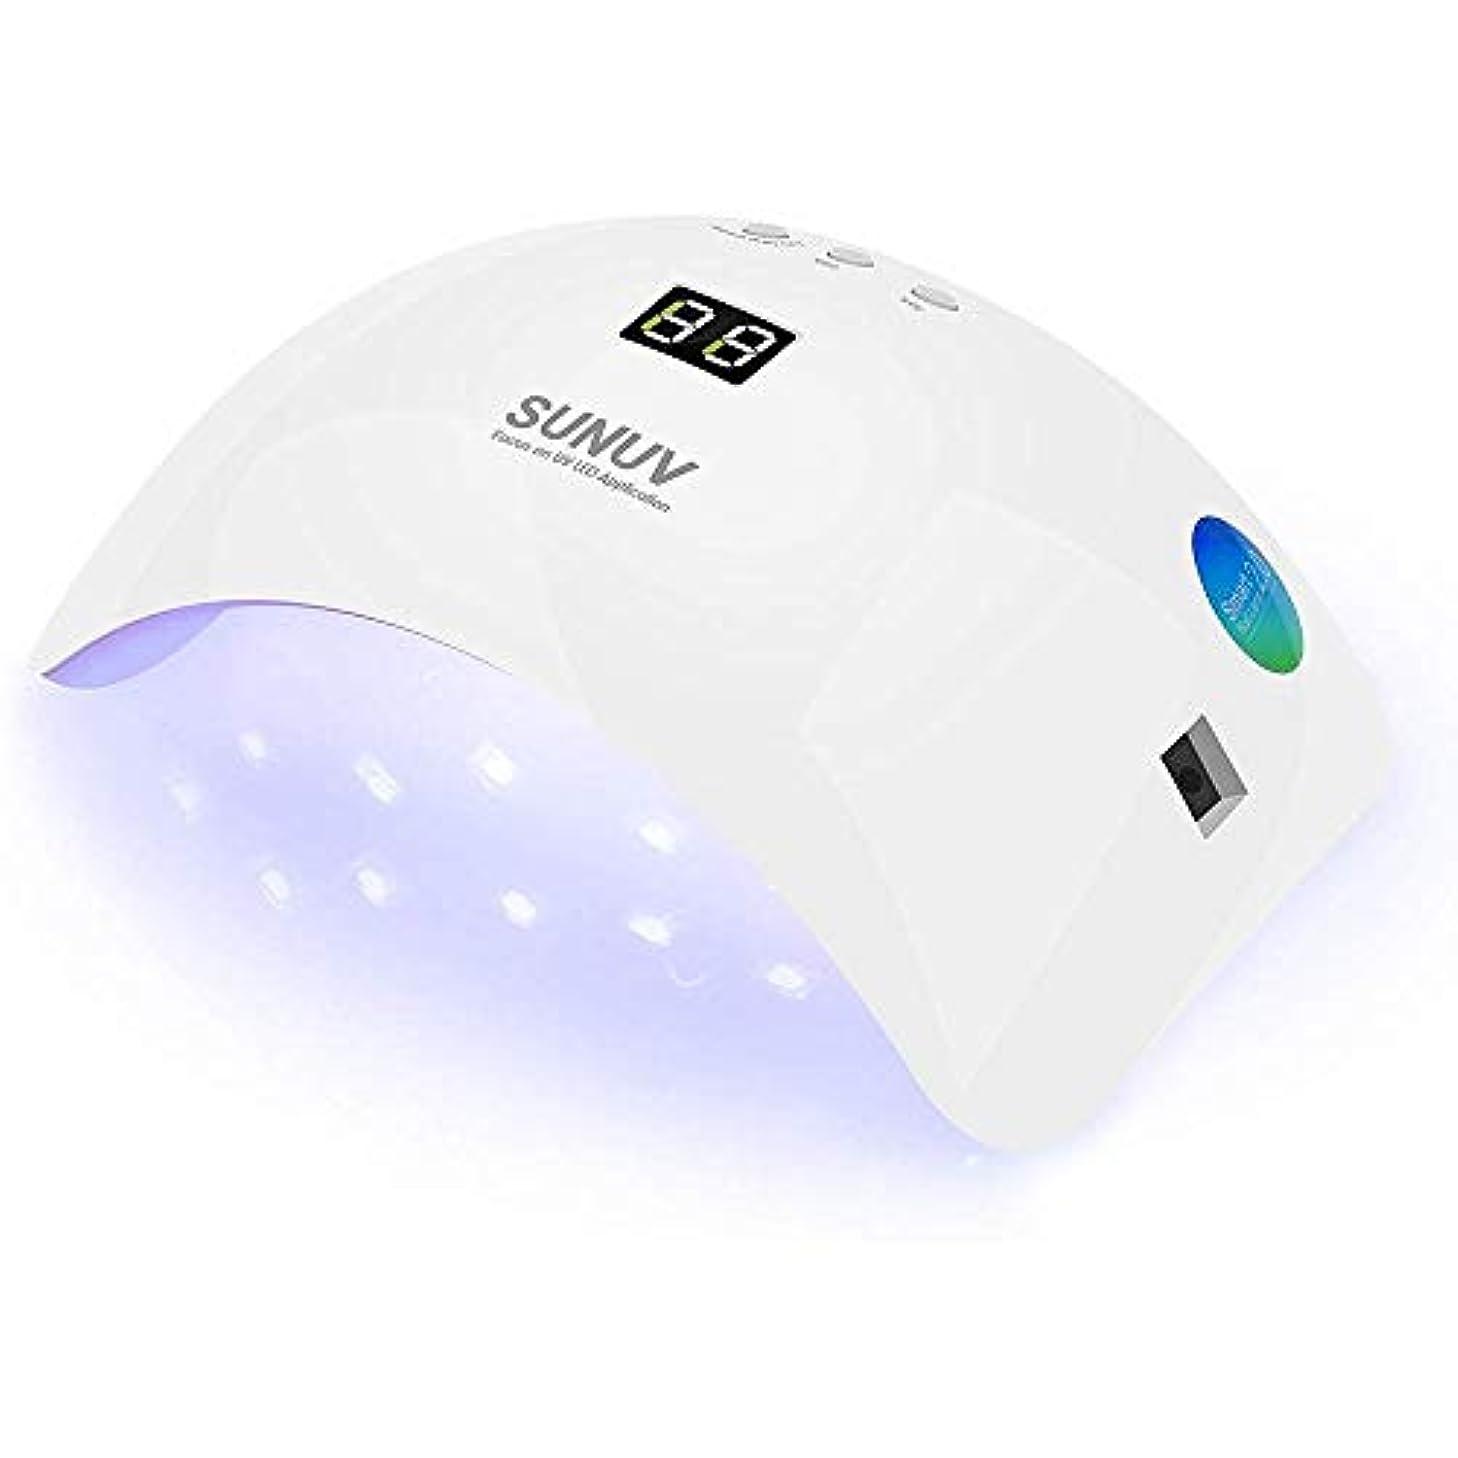 道徳のクスコ鷹【最新型】【国内6ヶ月保証】Smart Nail Lamp 2.0 48W【ジェルネイルレジン用ライト】